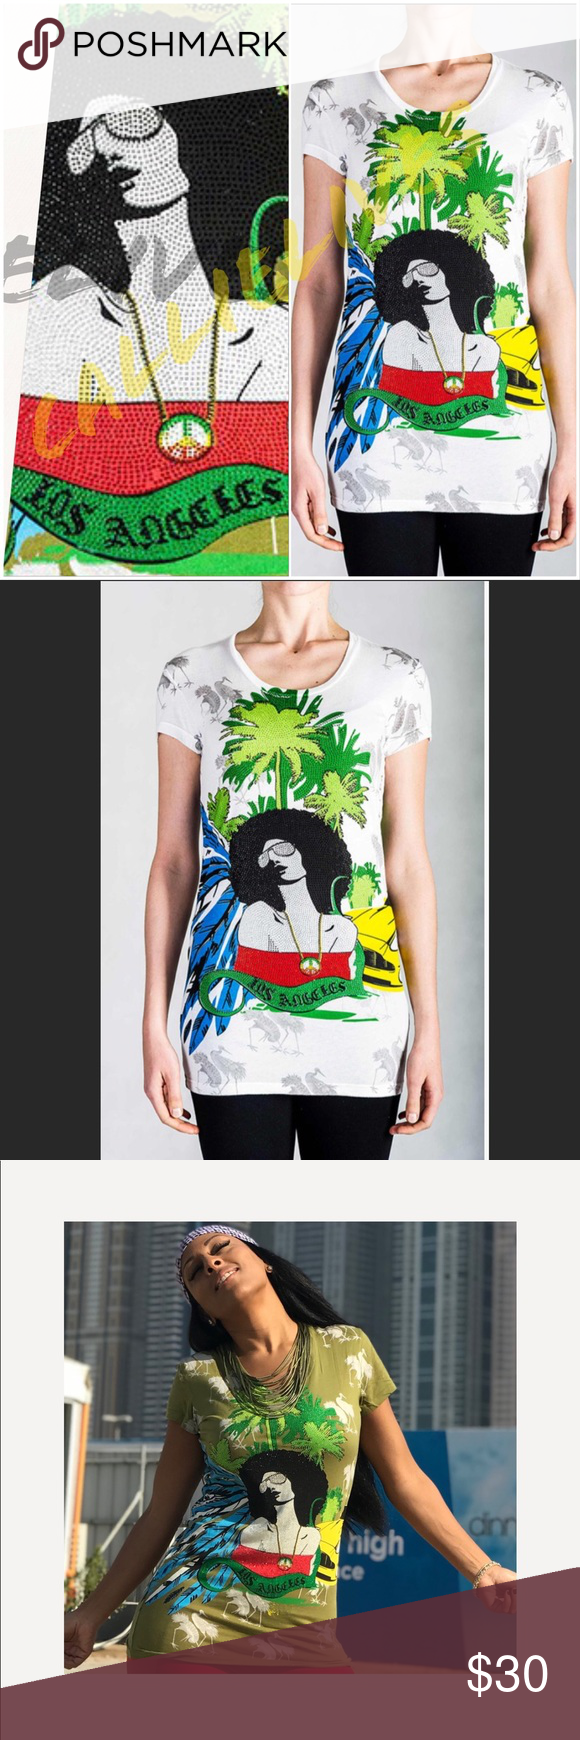 afro punk t shirt los angeles white callielives boutique pinterest